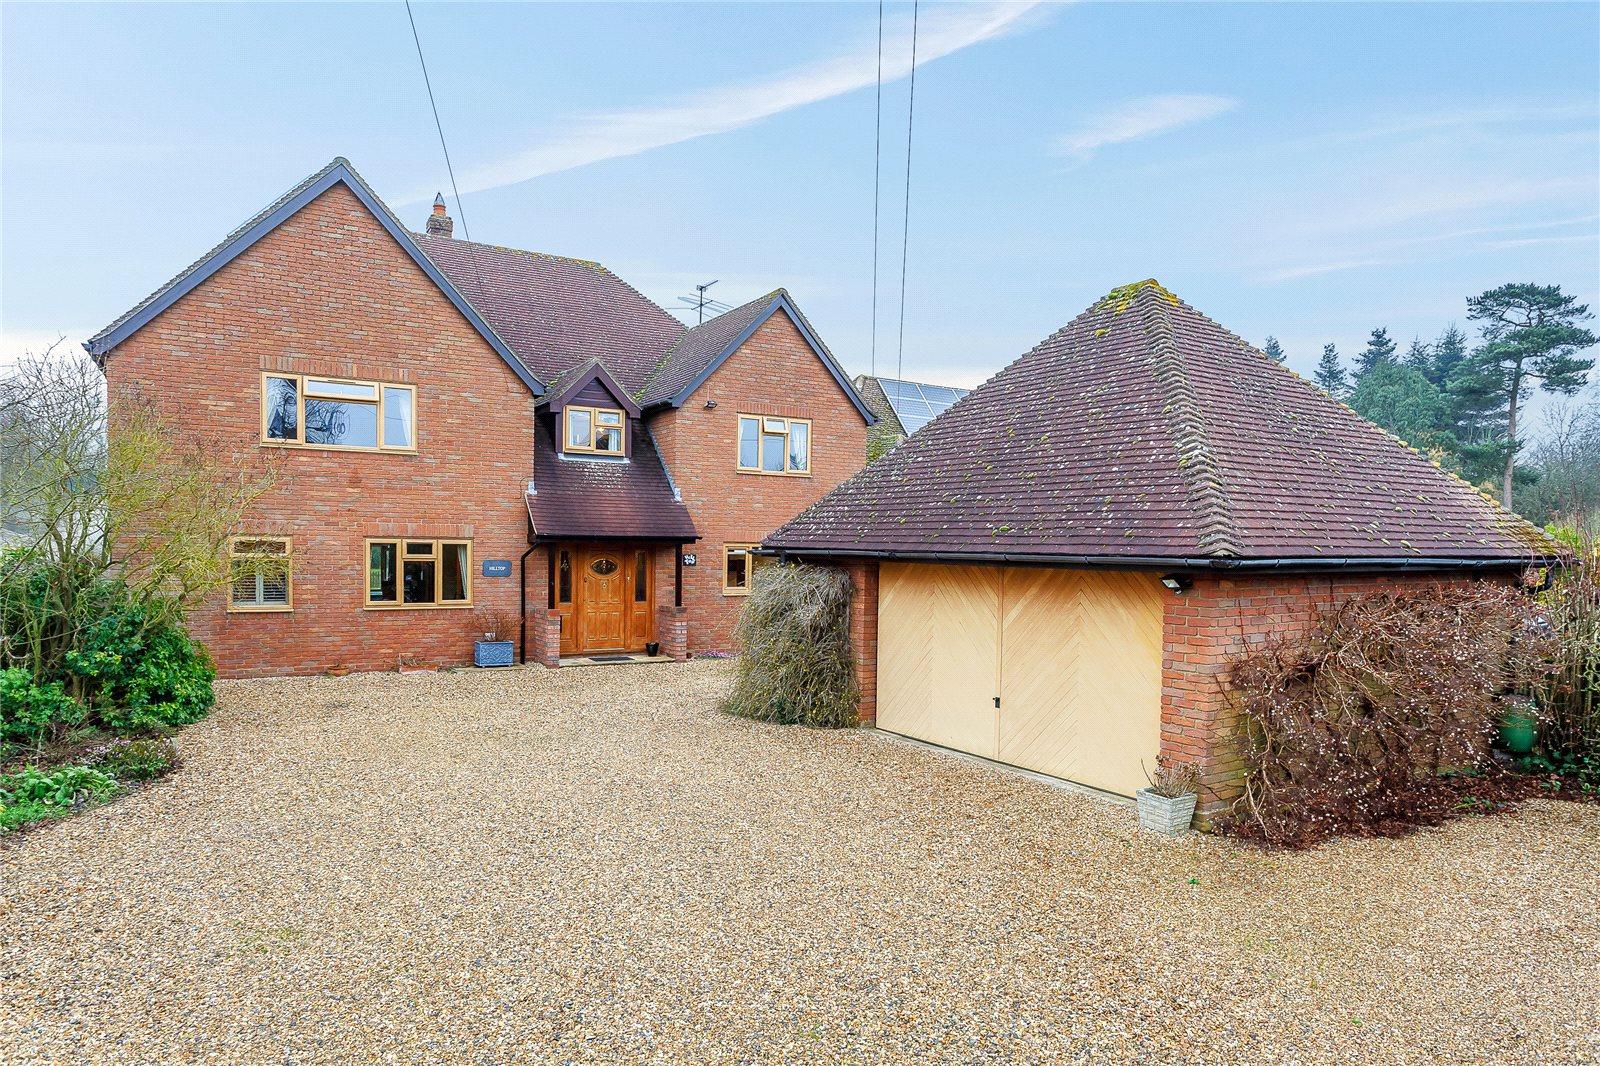 獨棟家庭住宅 為 出售 在 Rabley Heath, Welwyn, Hertfordshire, AL6 Welwyn, 英格蘭